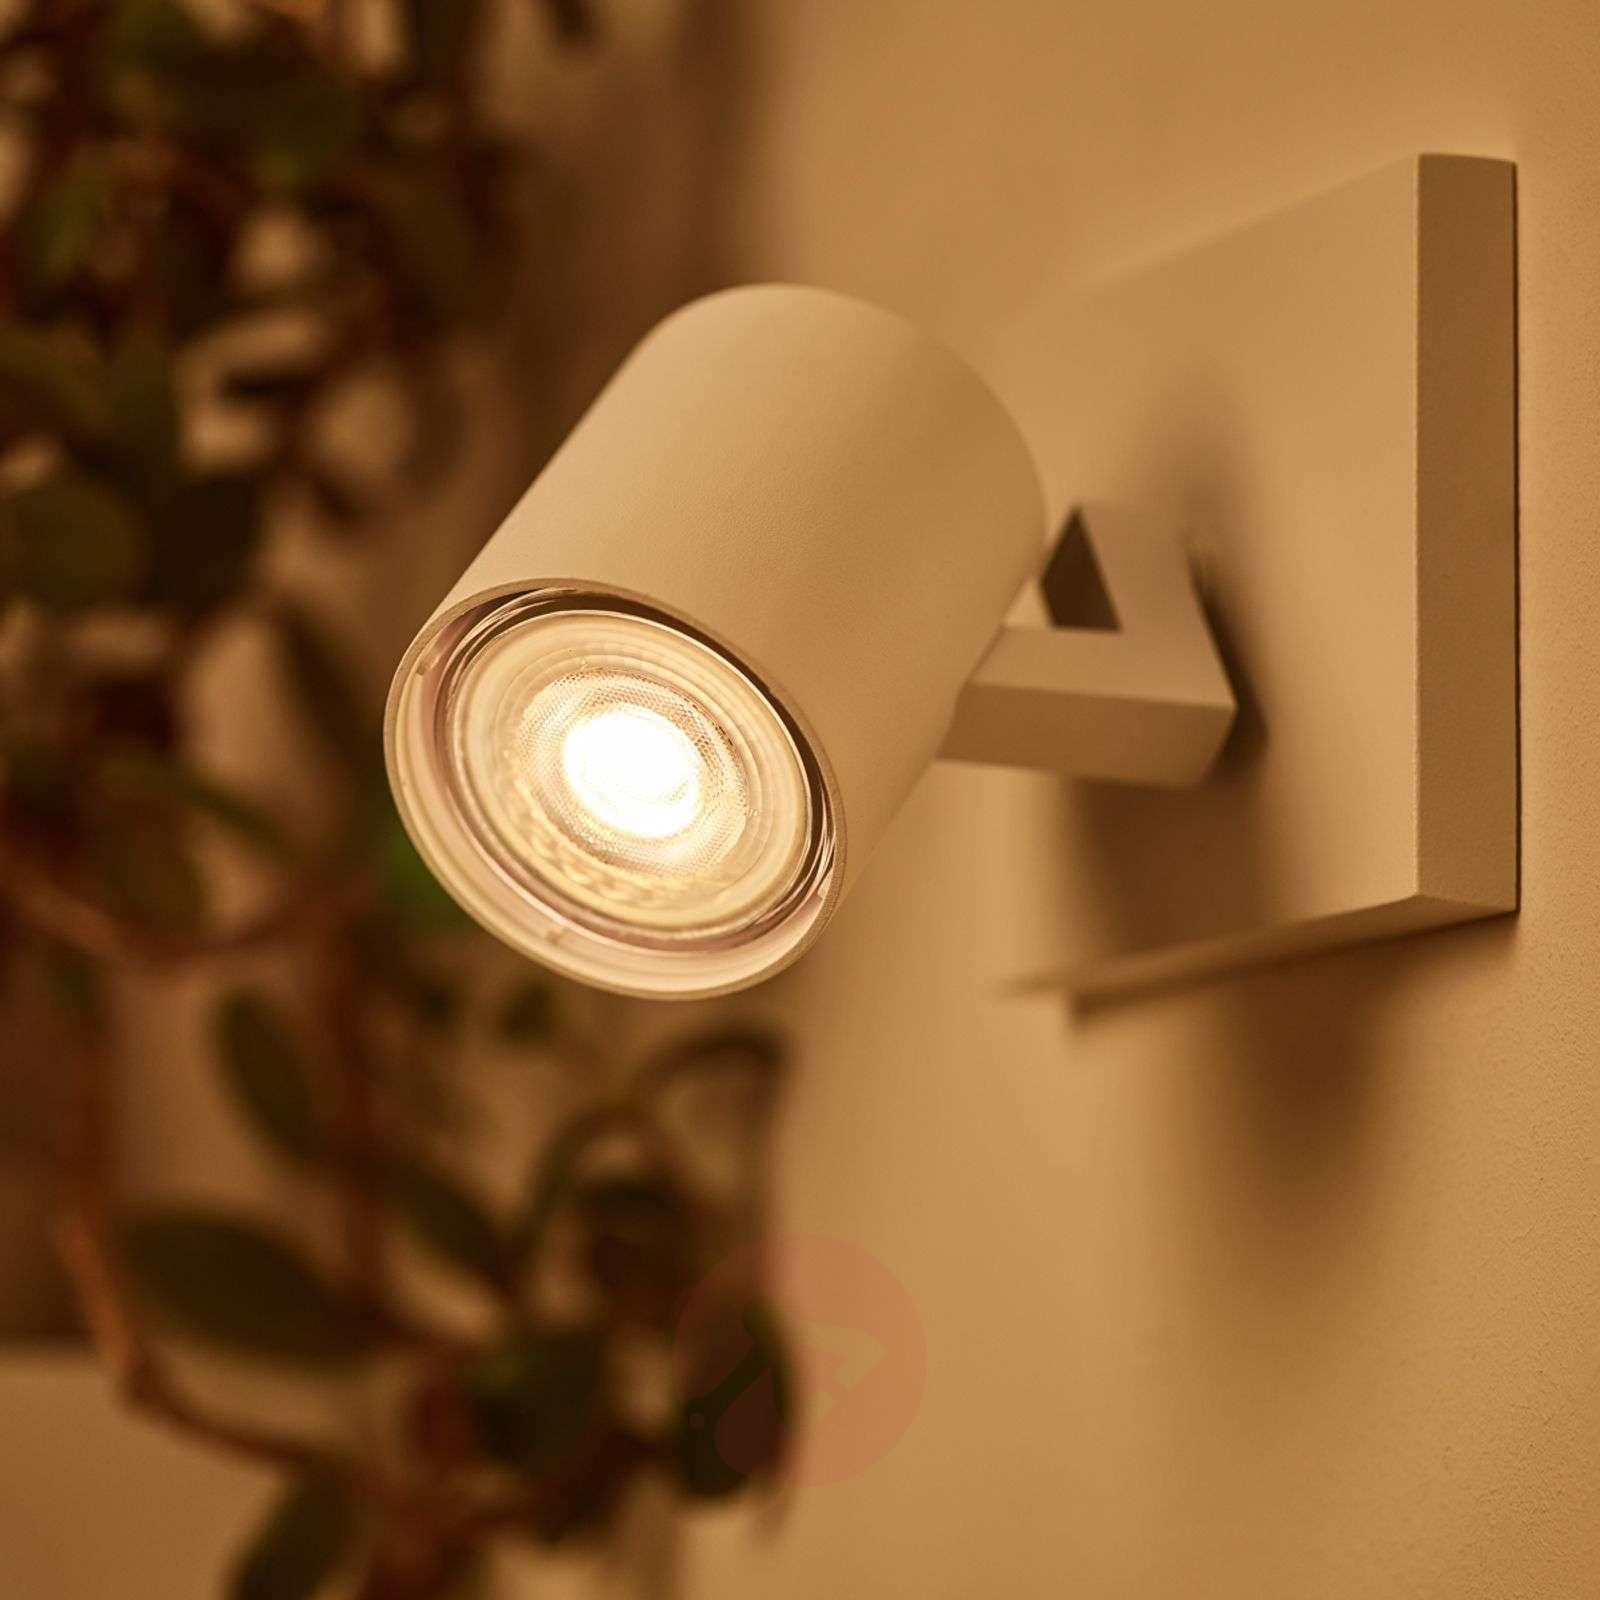 GU10 5 W HV LED reflector 36degree warm glow-7530725-03